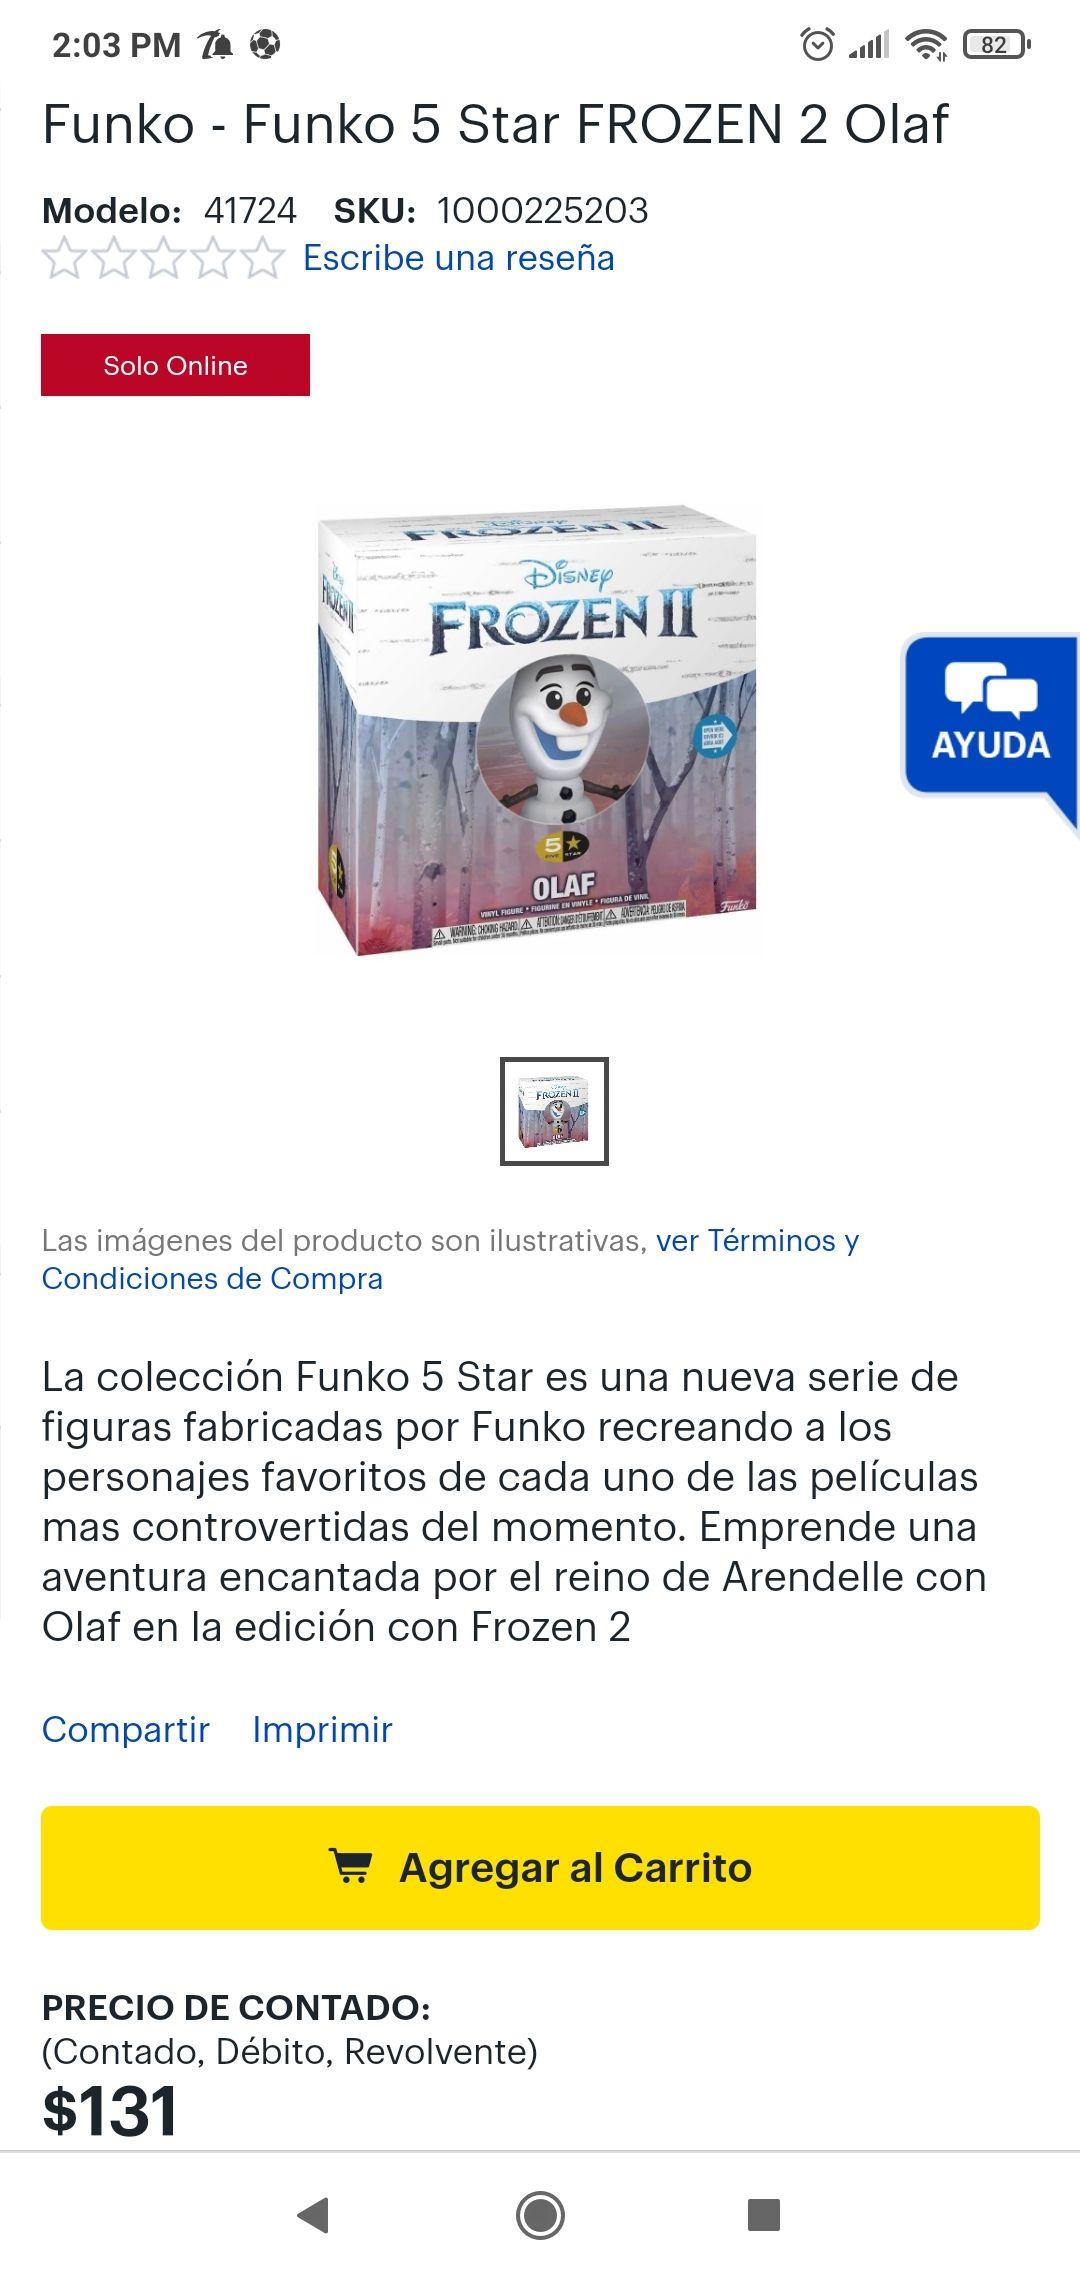 Best Buy: Funko 5 Star FROZEN 2 Olaf